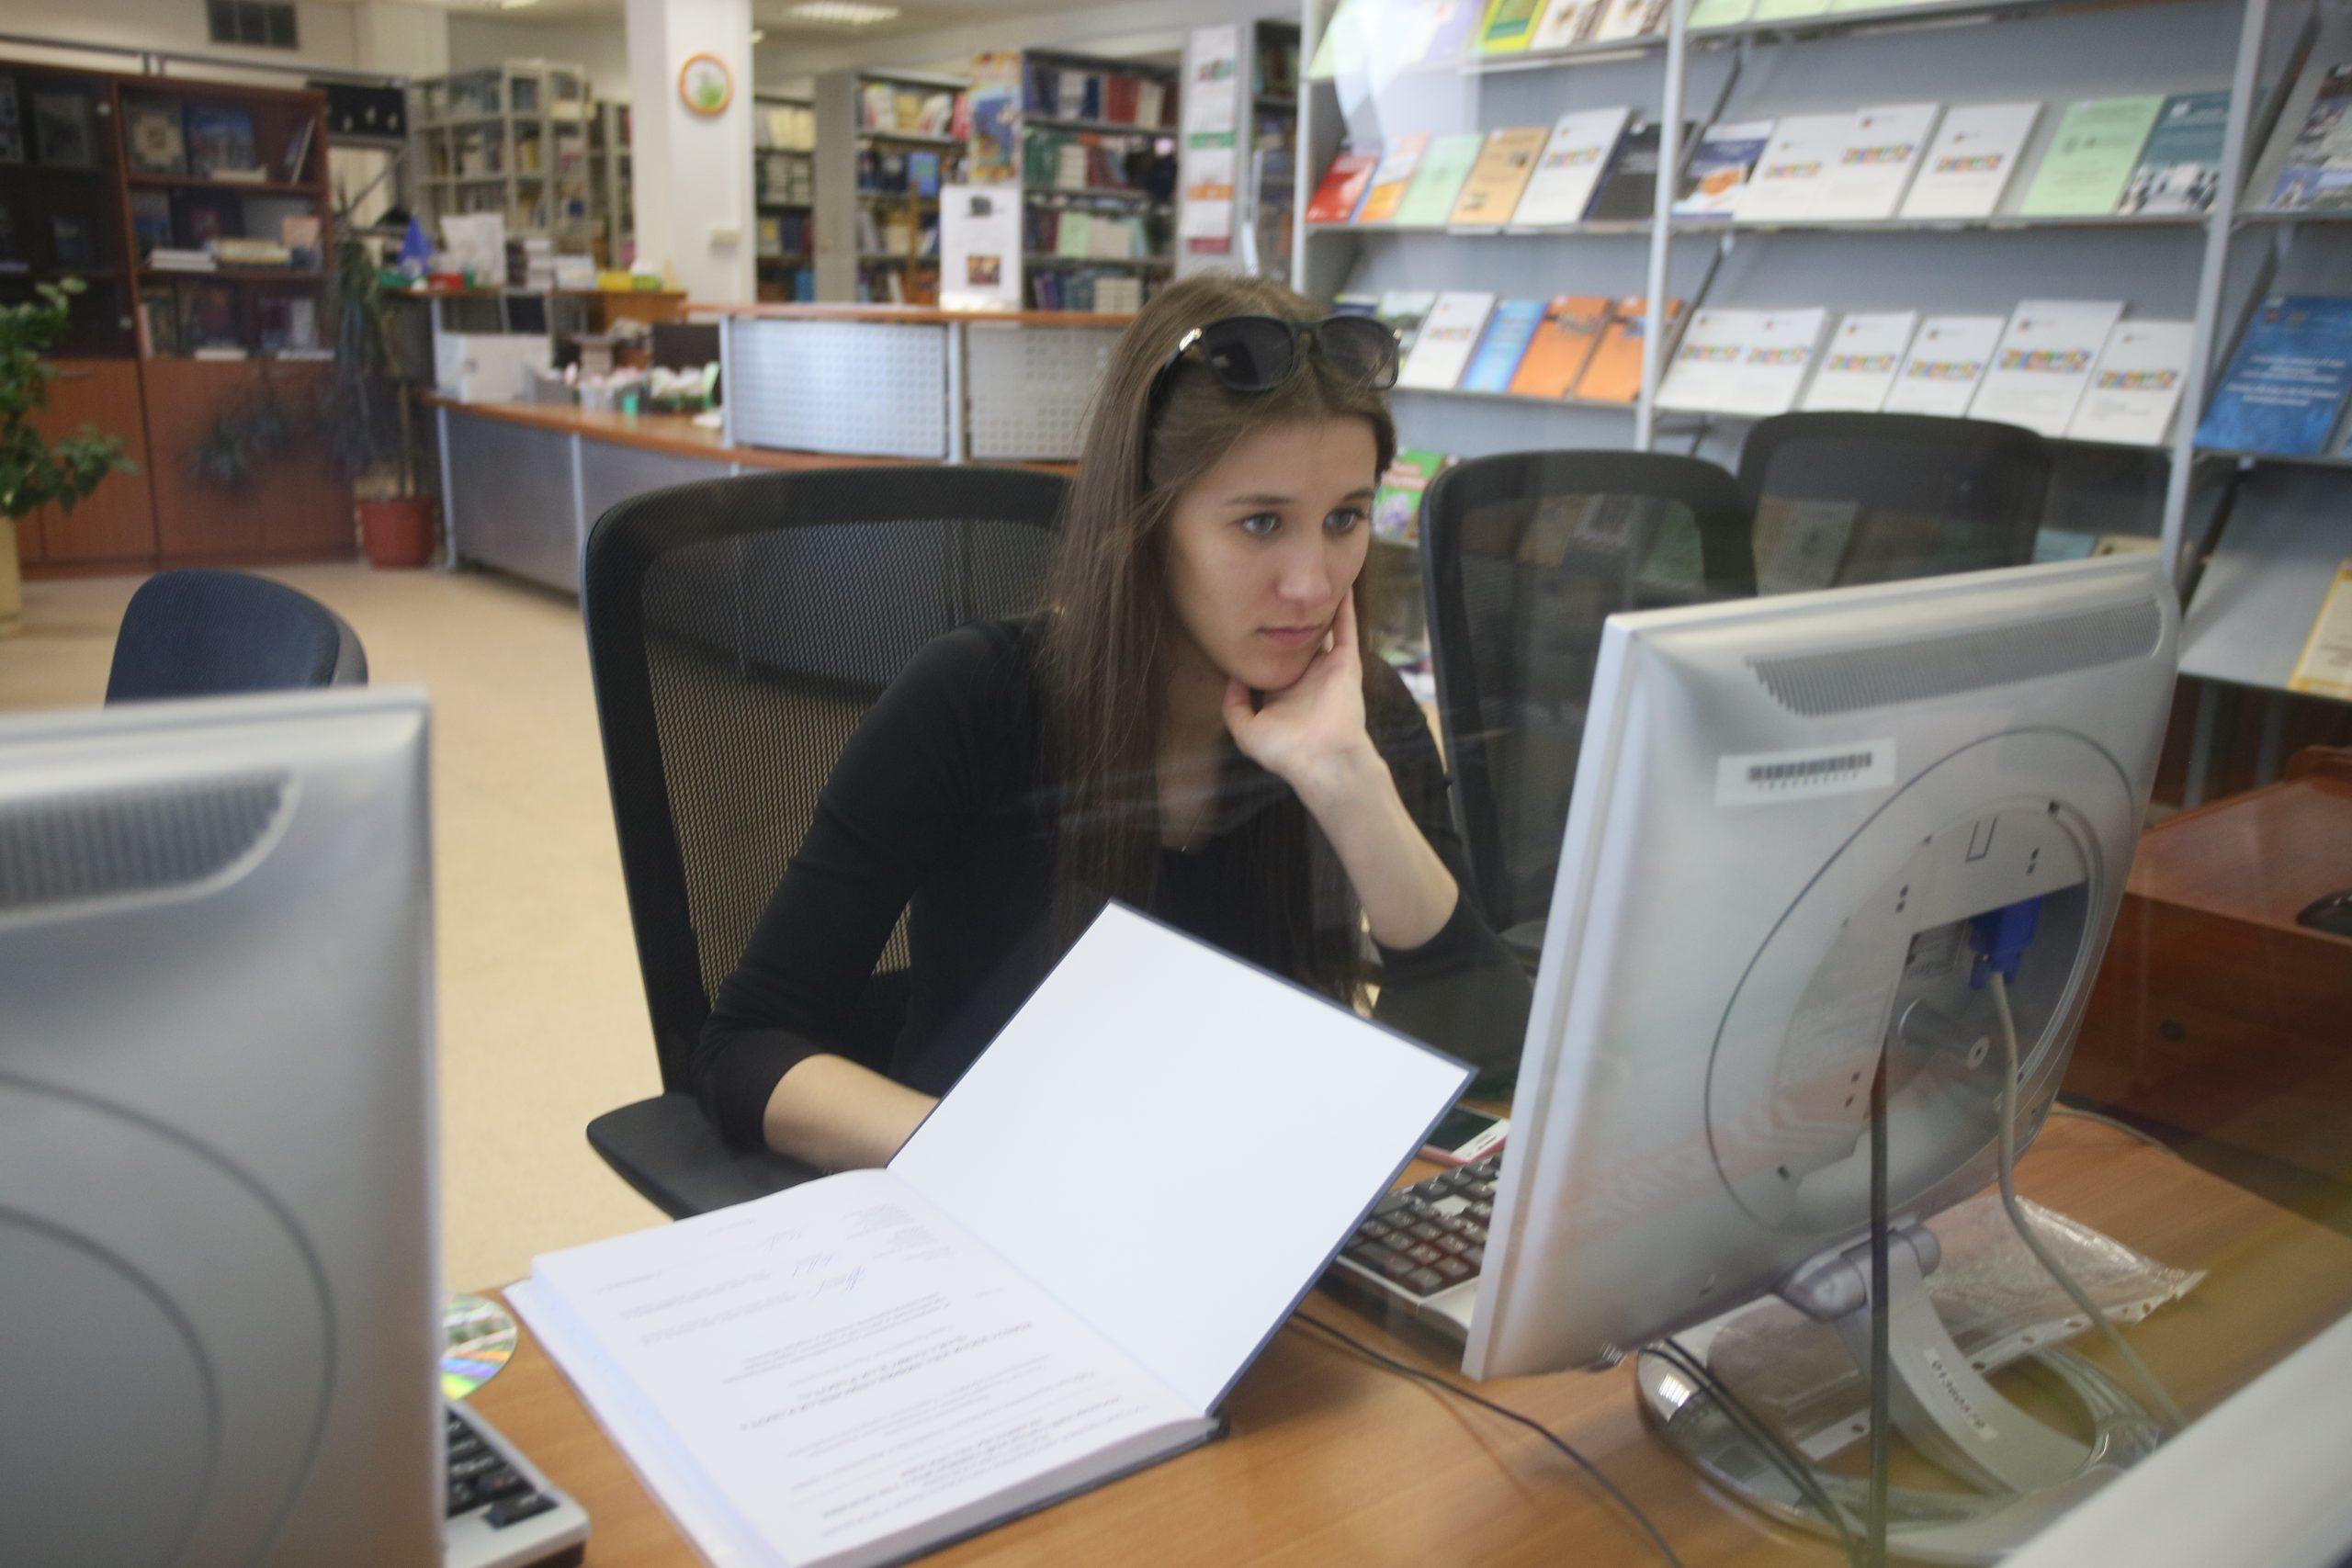 Тематическую выставку организовали сотрудники Главного архивного управления Москвы